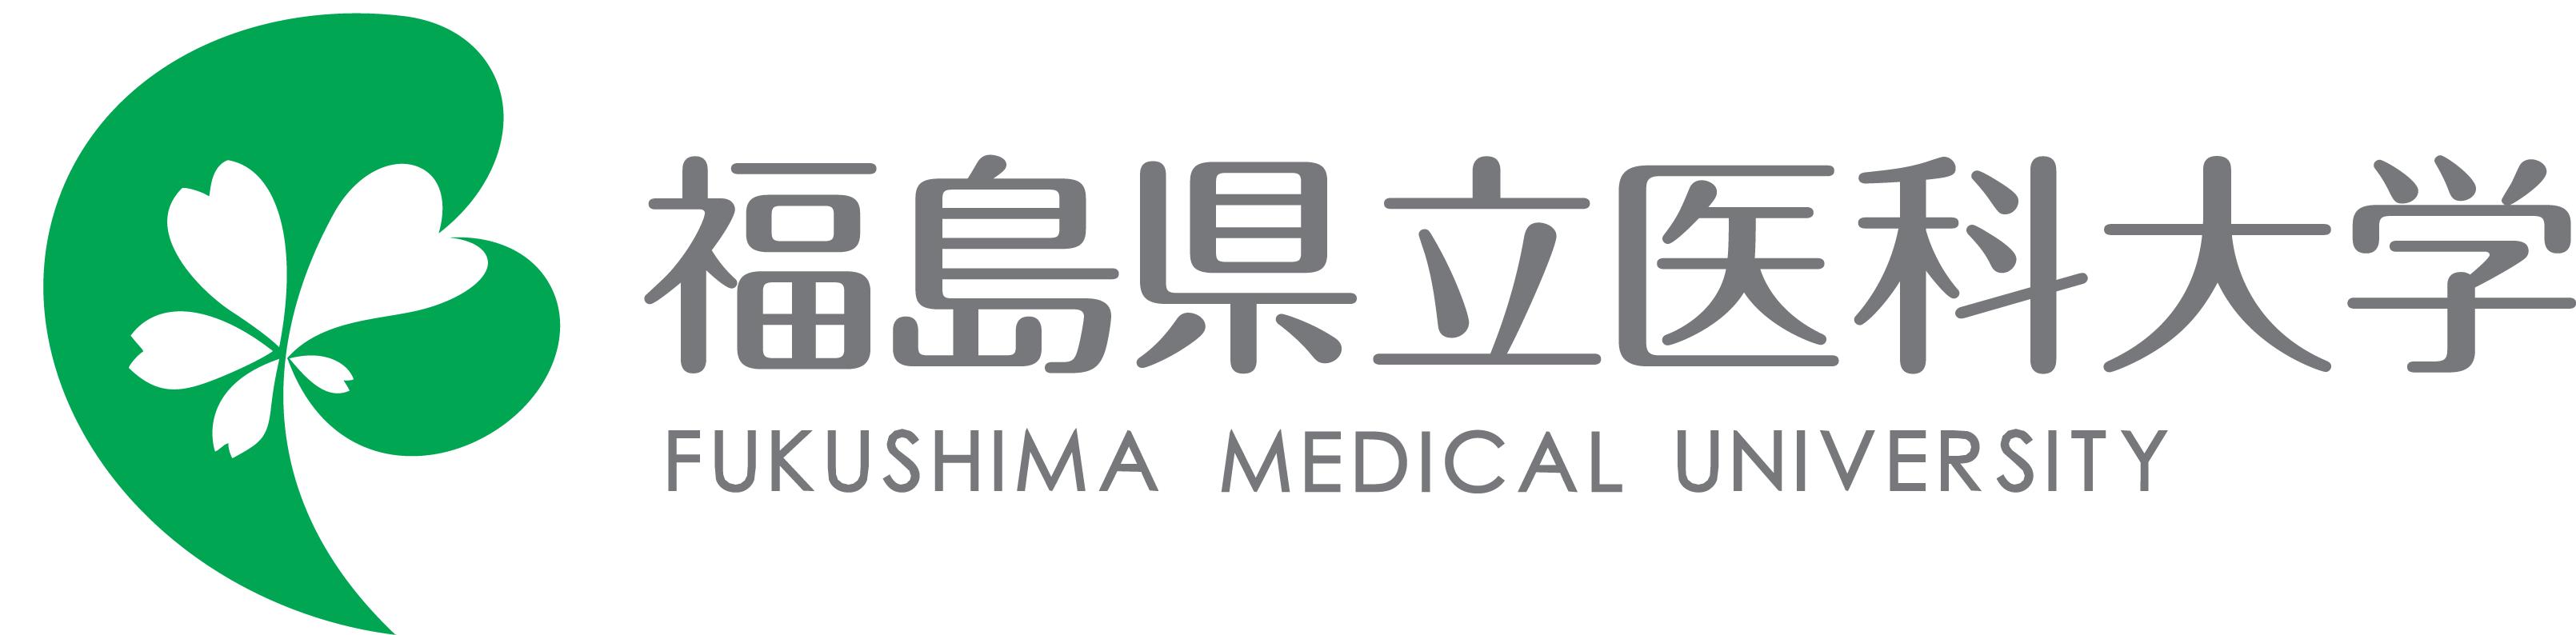 公立大学法人福島県立医科大学